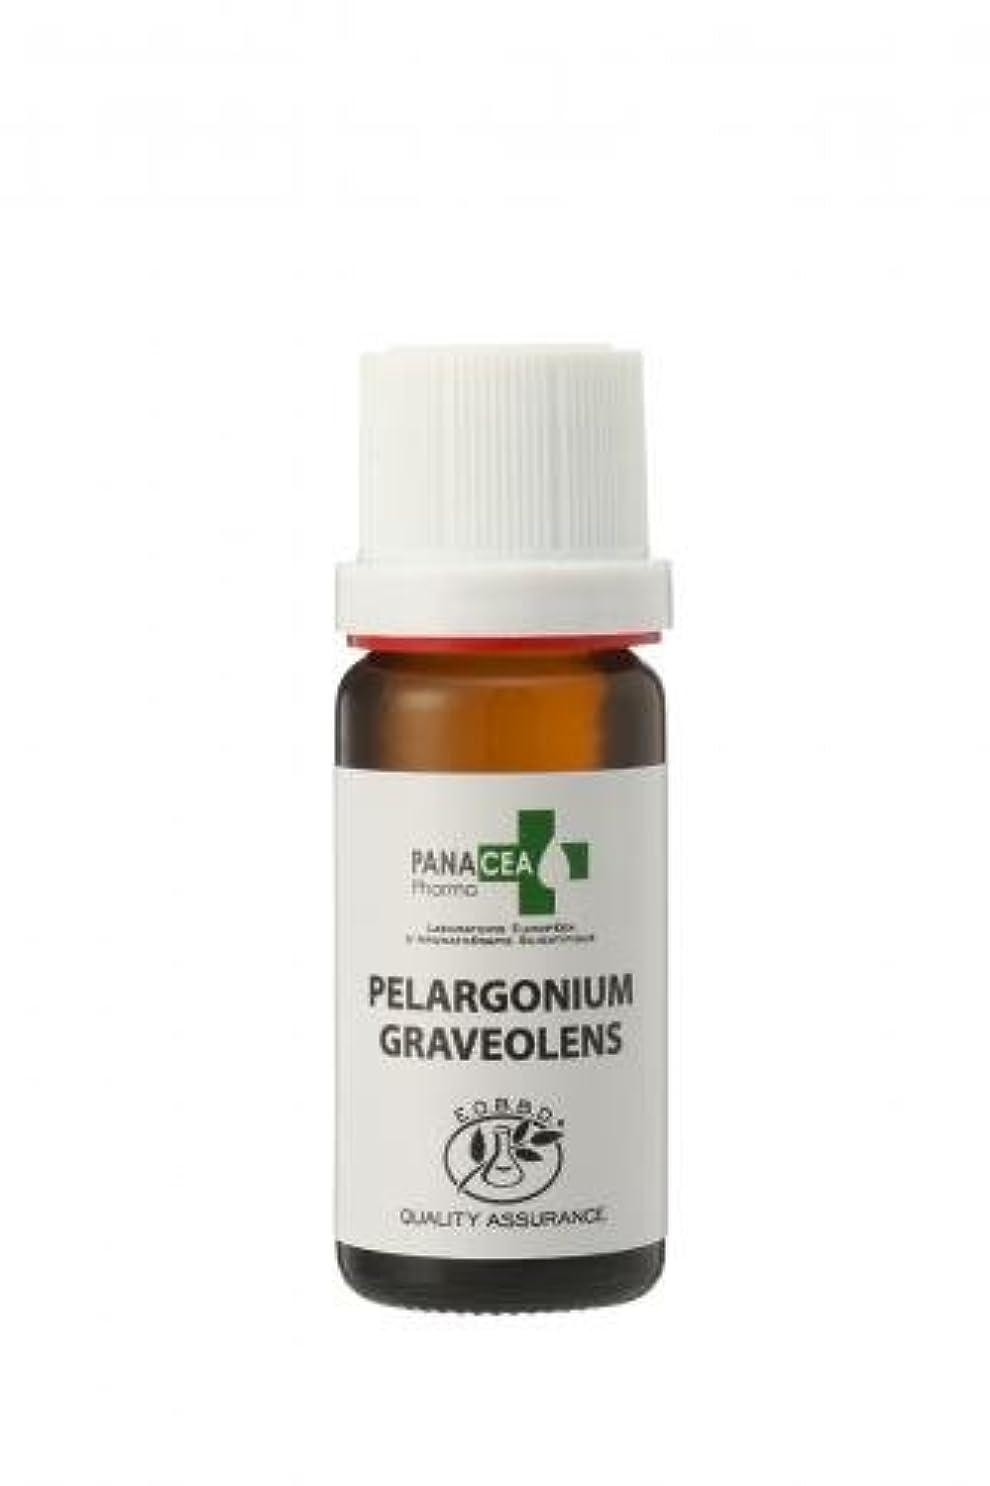 バースドラムなめらかゼラニウム エジプト (Pelargonium graveolens) エッセンシャルオイル PANACEA PHARMA パナセア ファルマ